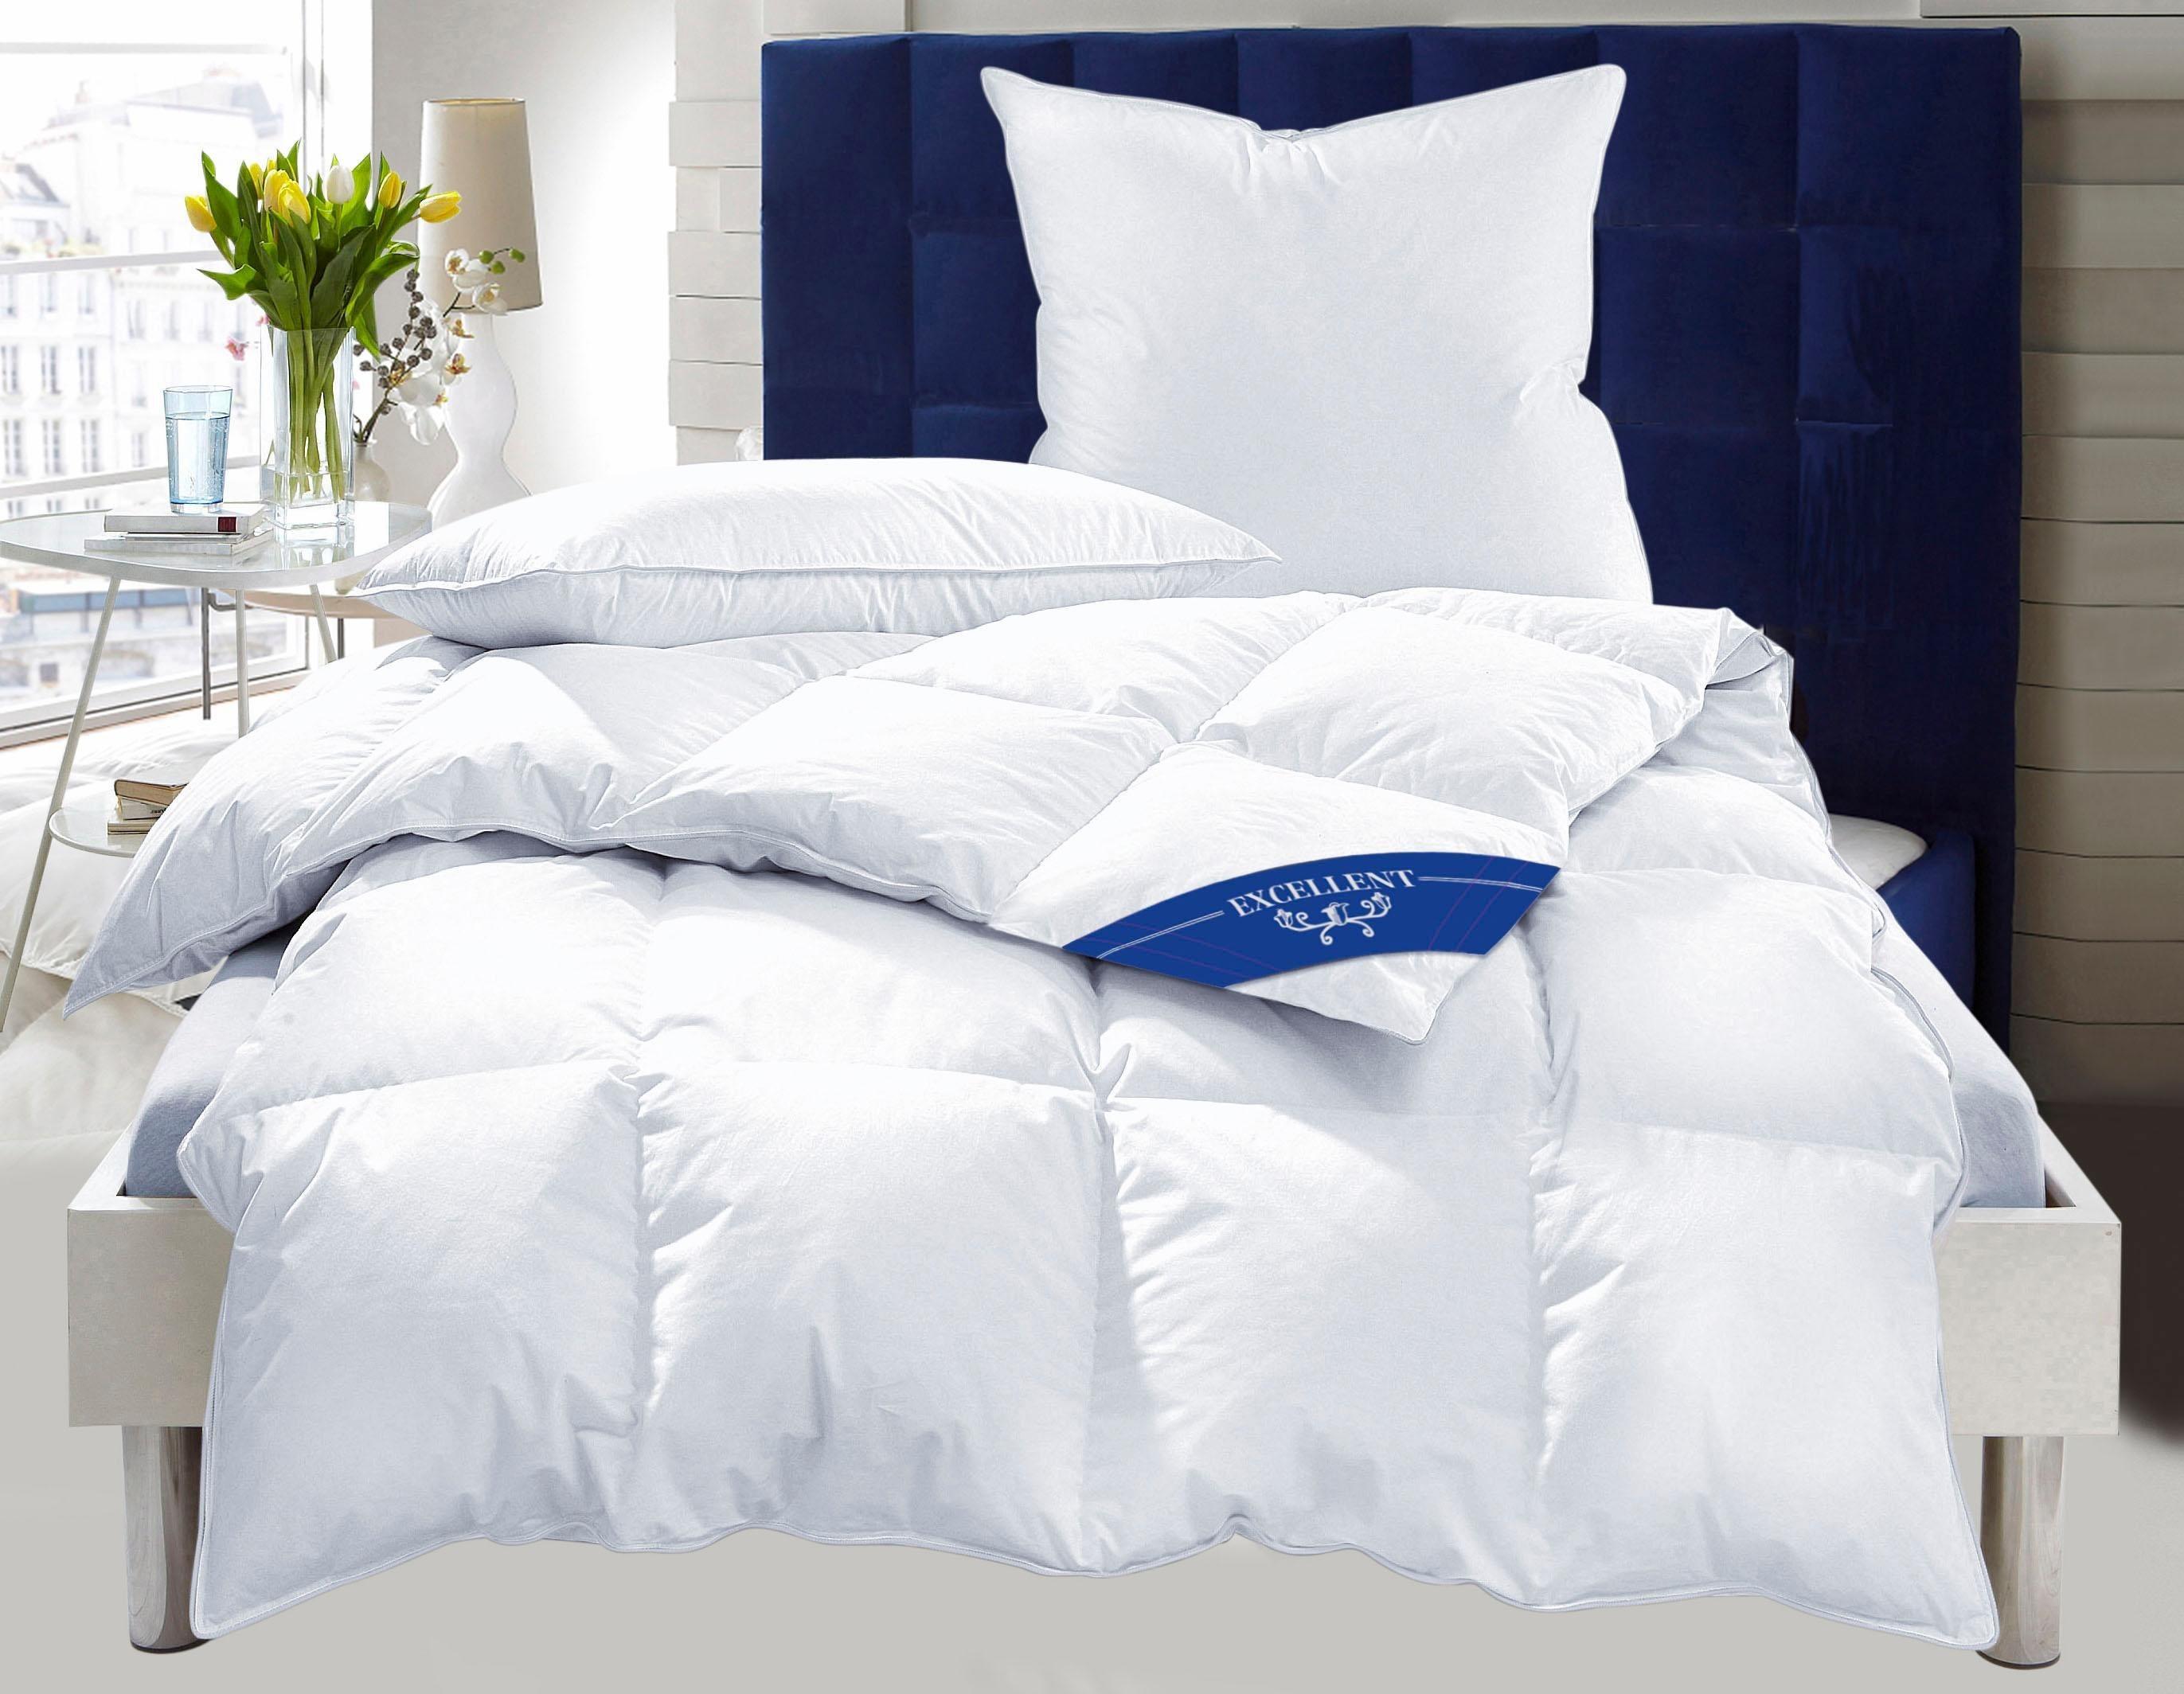 Set: Daunenbettdecken + Kopfkissen, »Zürich«, Excellent, warm, 100% Daunen | Heimtextilien > Decken und Kissen > Bettdecken | Baumwolle - Federn | Excellent